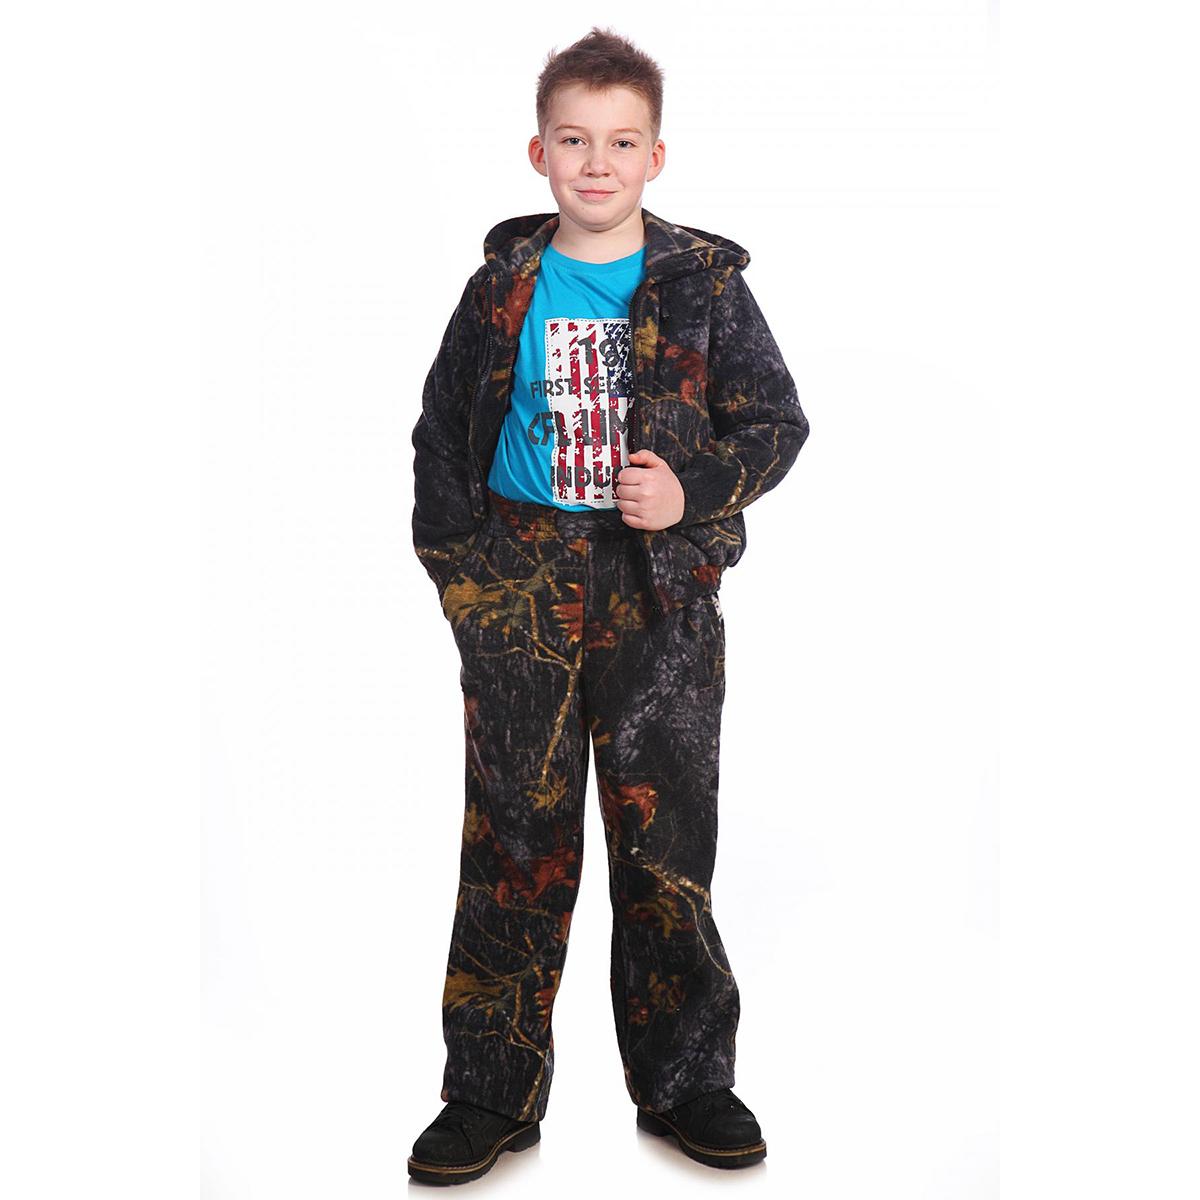 Детский костюм Панда, размер 34Костюмы<br><br><br>Тип: Дет. костюм<br>Размер: 34<br>Материал: Флис